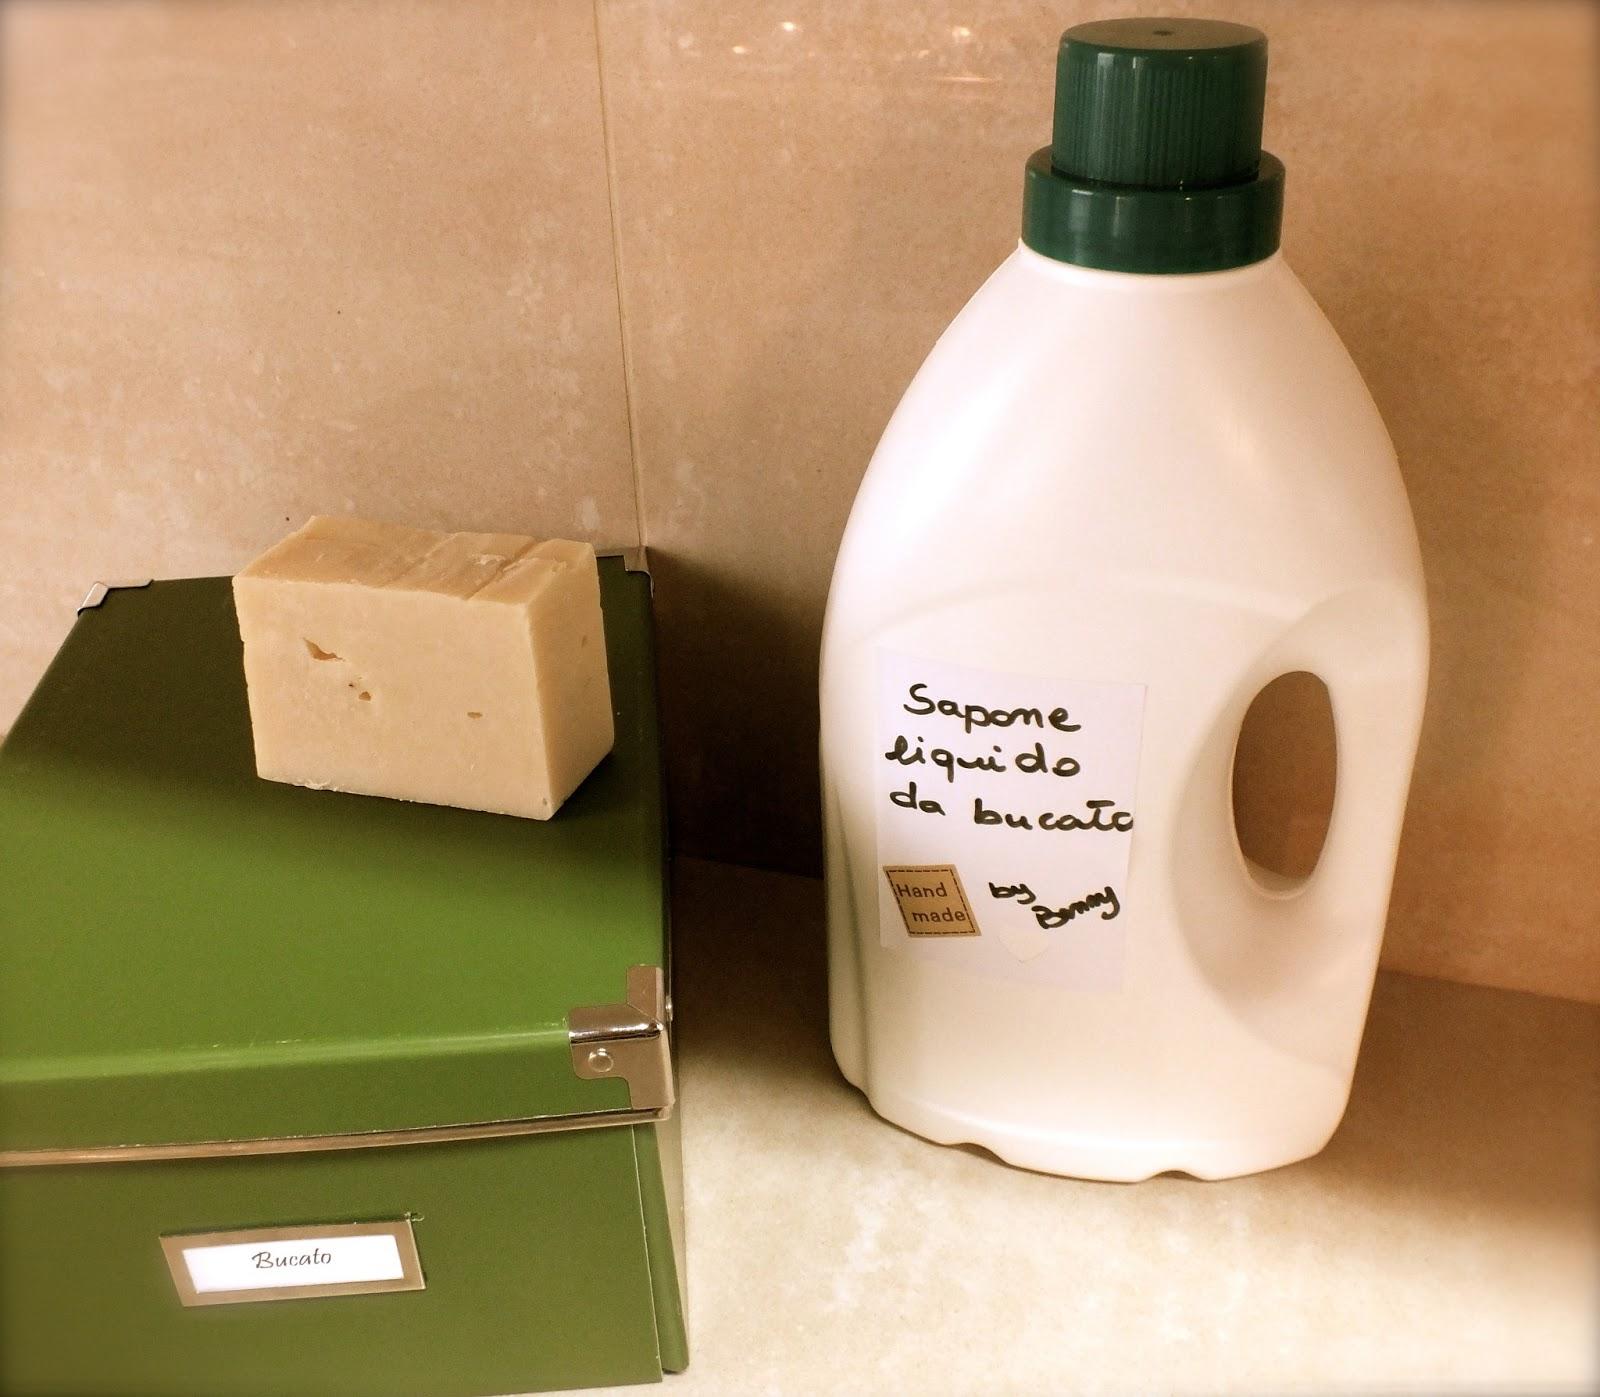 Fatto in casa da benedetta sapone liquido da bucato fai da te - Sapone liquido fatto in casa ...